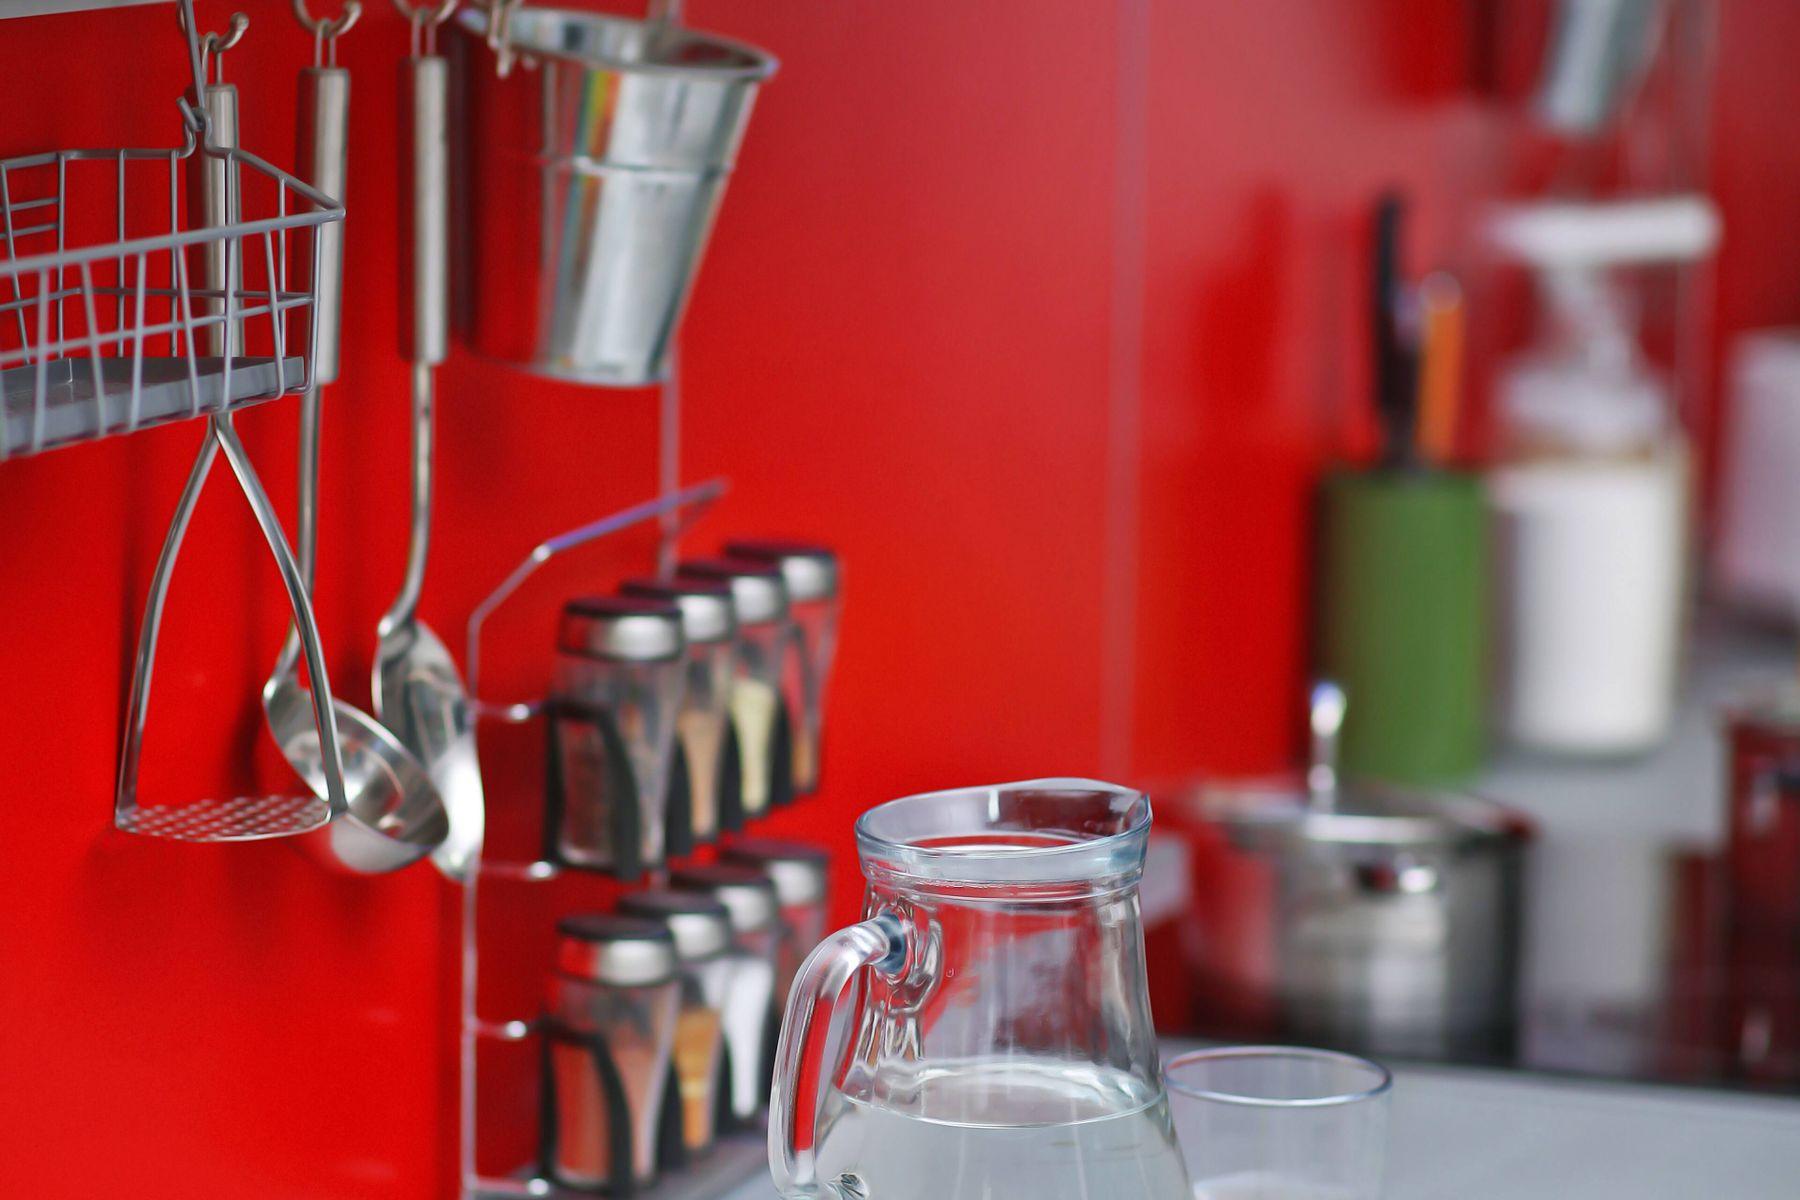 Bảng thời gian bảo quản thực phẩm trong ngăn đá tủ lạnh